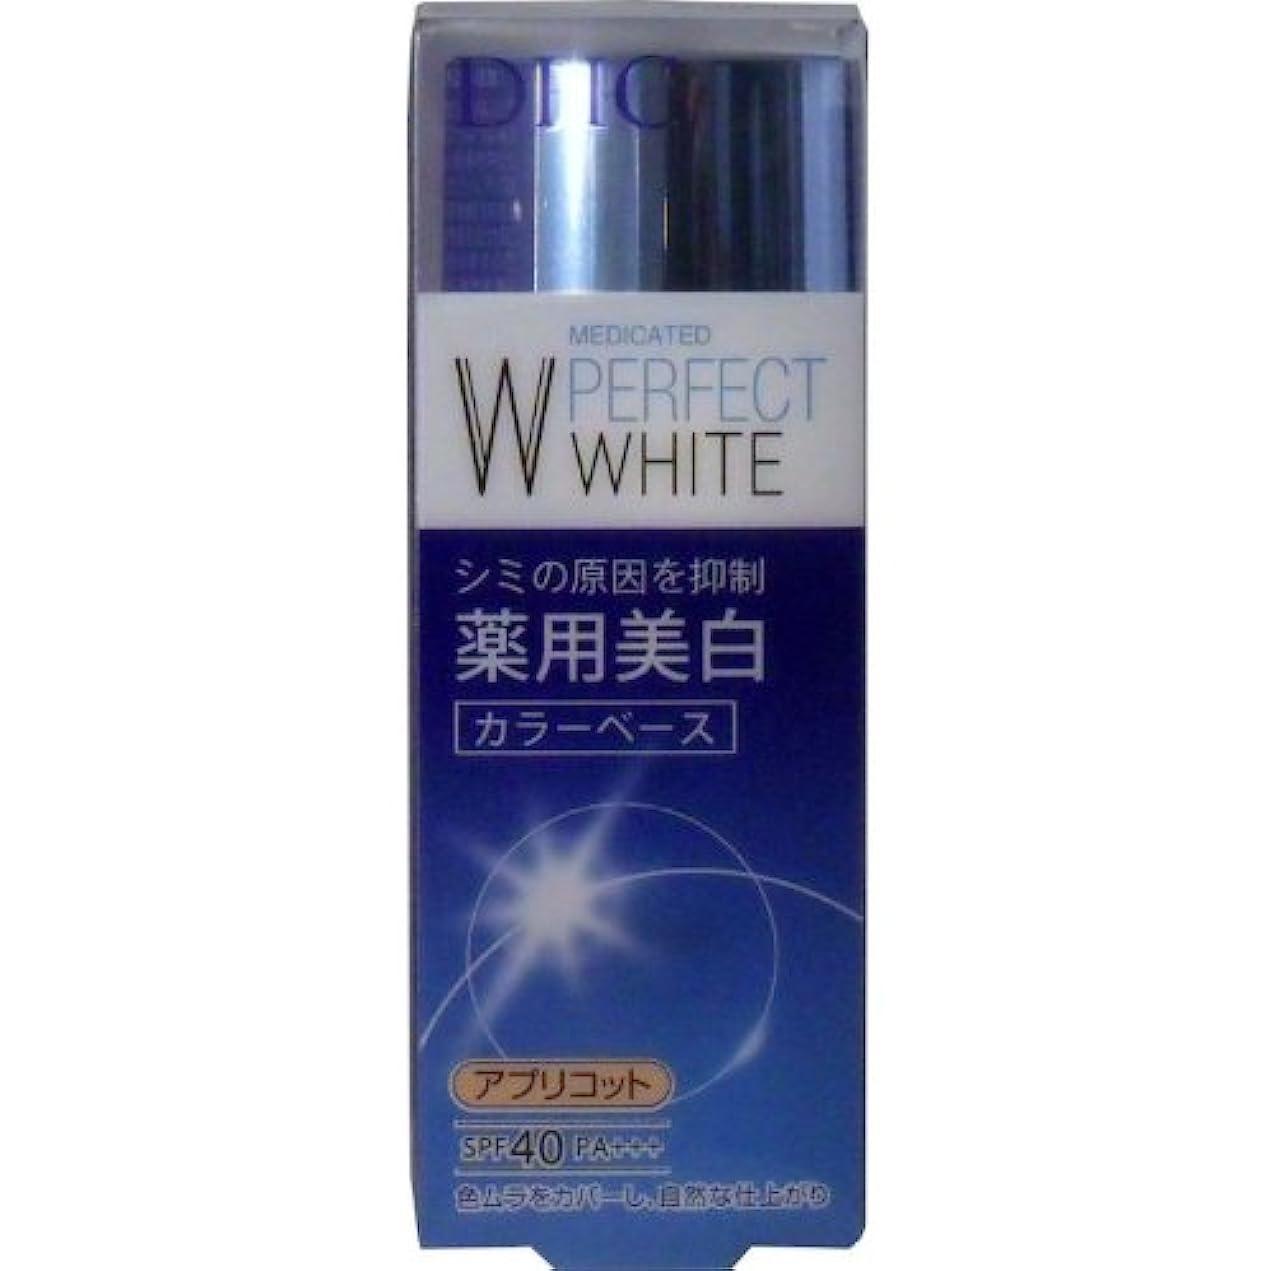 住所ブース感謝DHC 薬用美白パーフェクトホワイト カラーベース アプリコット 30g